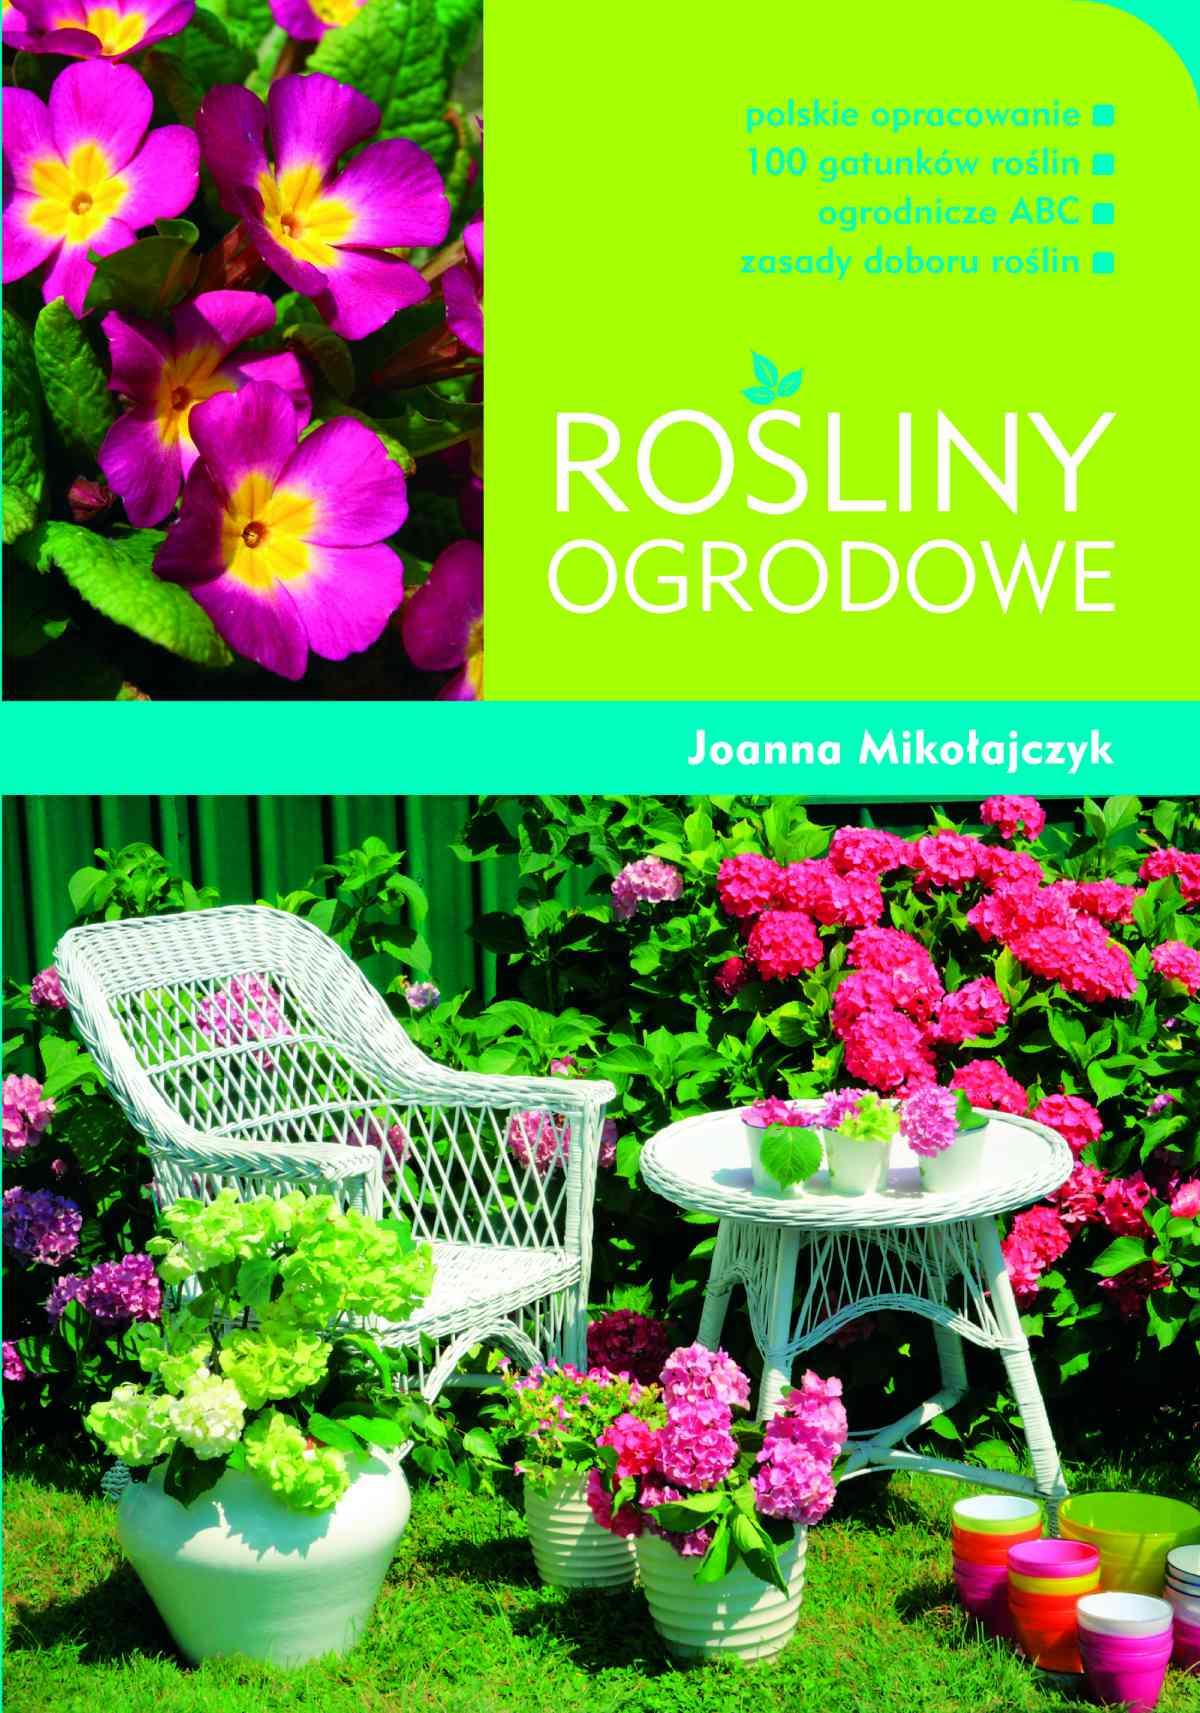 Rośliny ogrodowe - Ebook (Książka PDF) do pobrania w formacie PDF